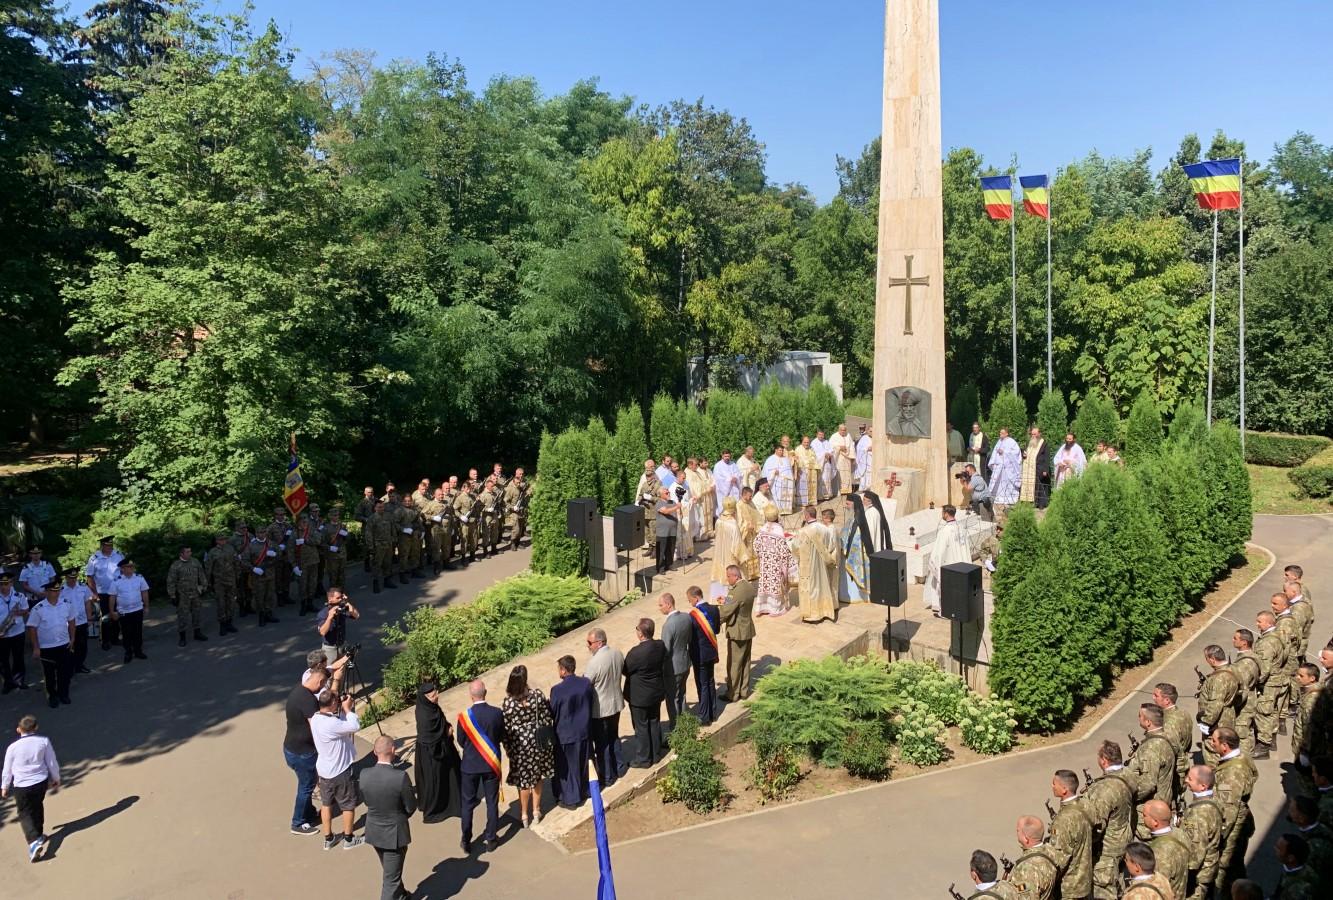 Domnitorul Mihai Viteazul a fost comemorat la Mănăstirea Mihai Vodă de la Turda, construită pe locul unde a fost asasinat acum 418 ani